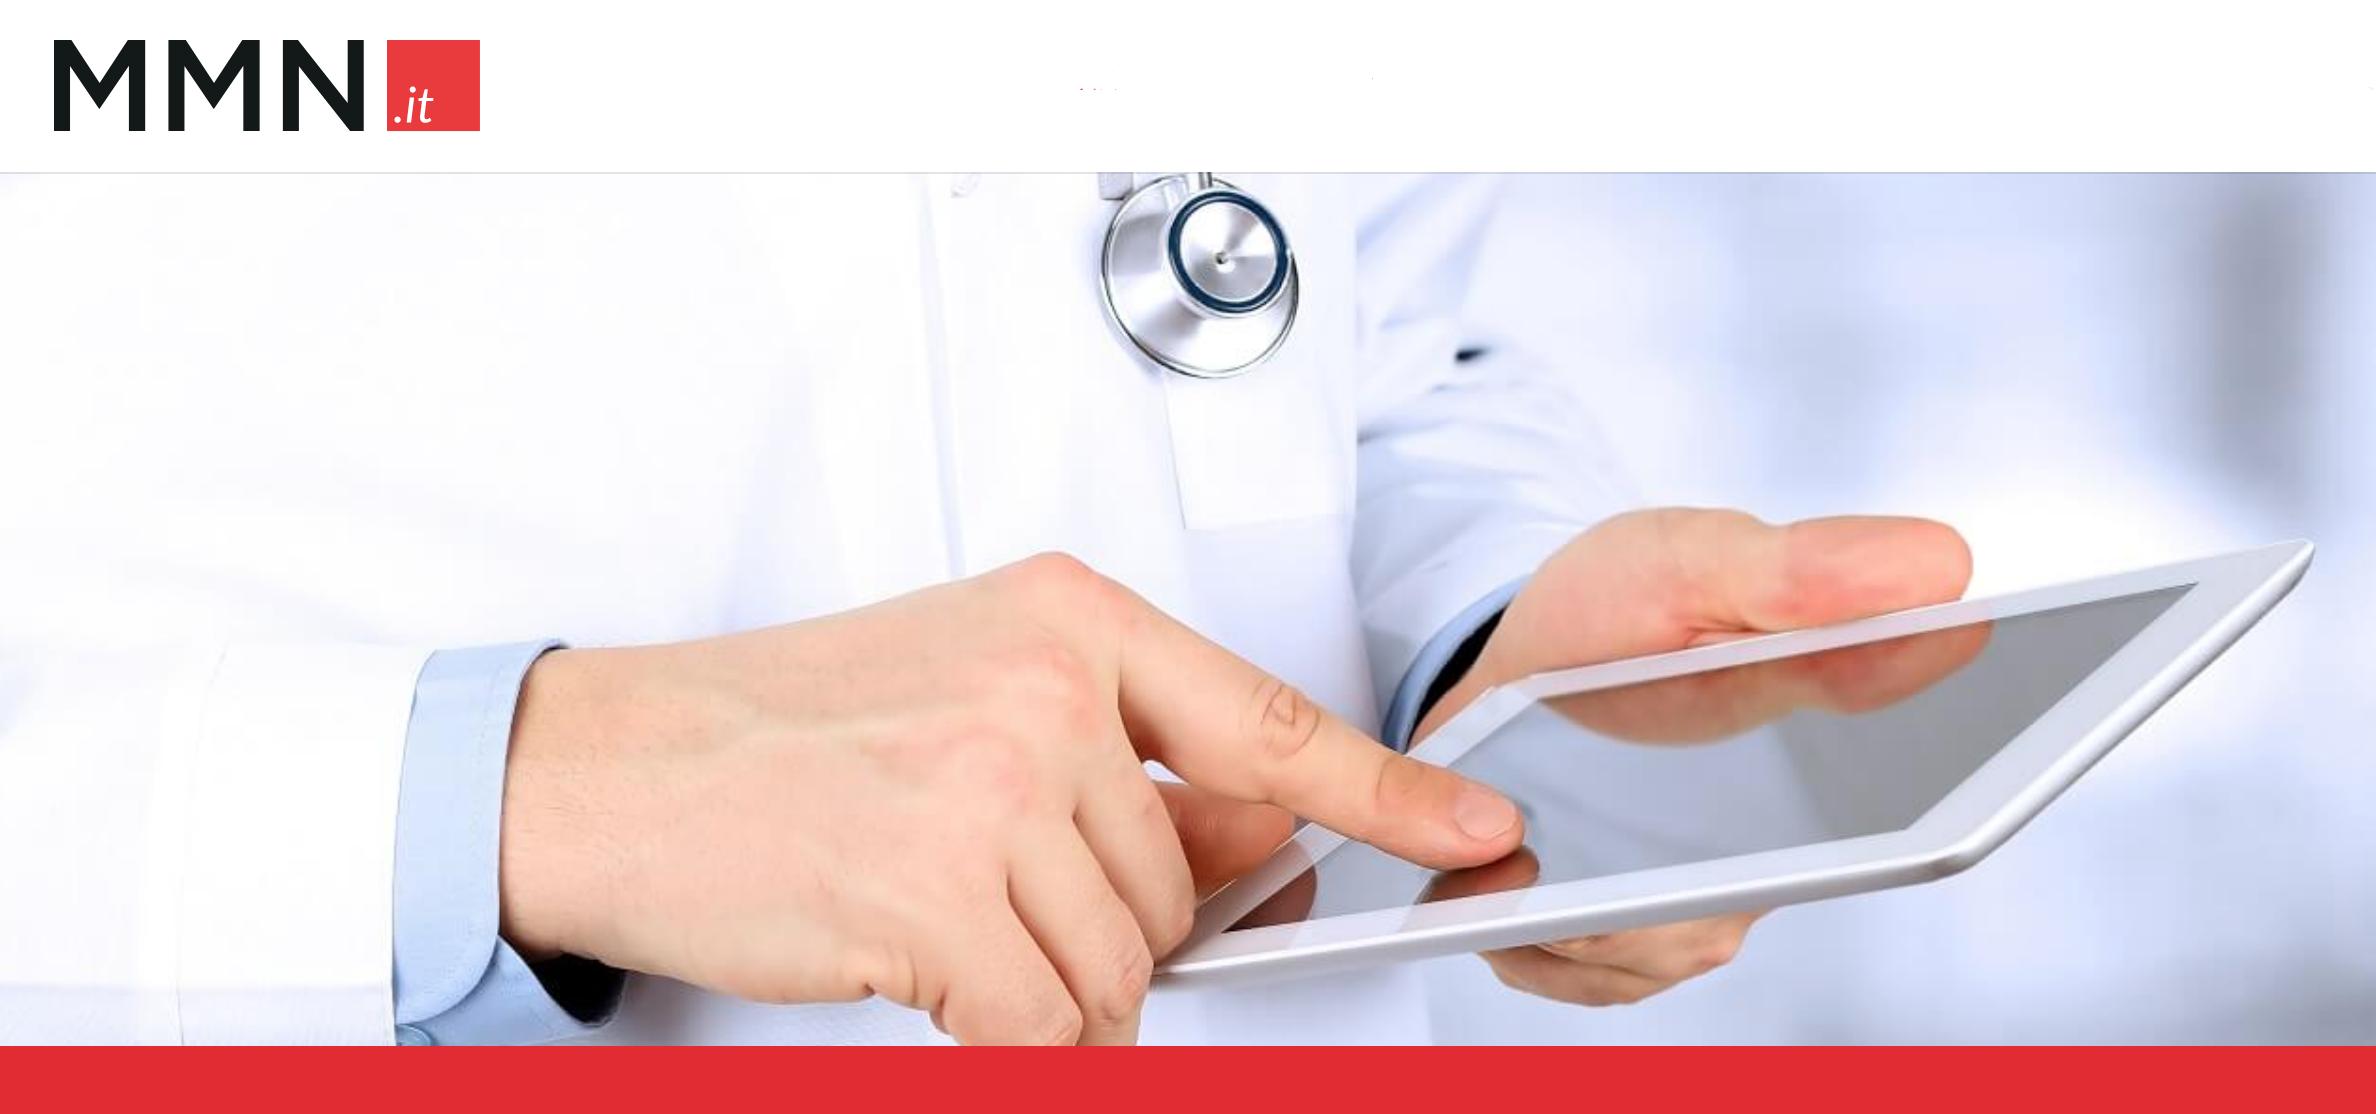 MMN e Ospedale Fatebenefratelli lanciano il servizio di televisita medica thumbnail